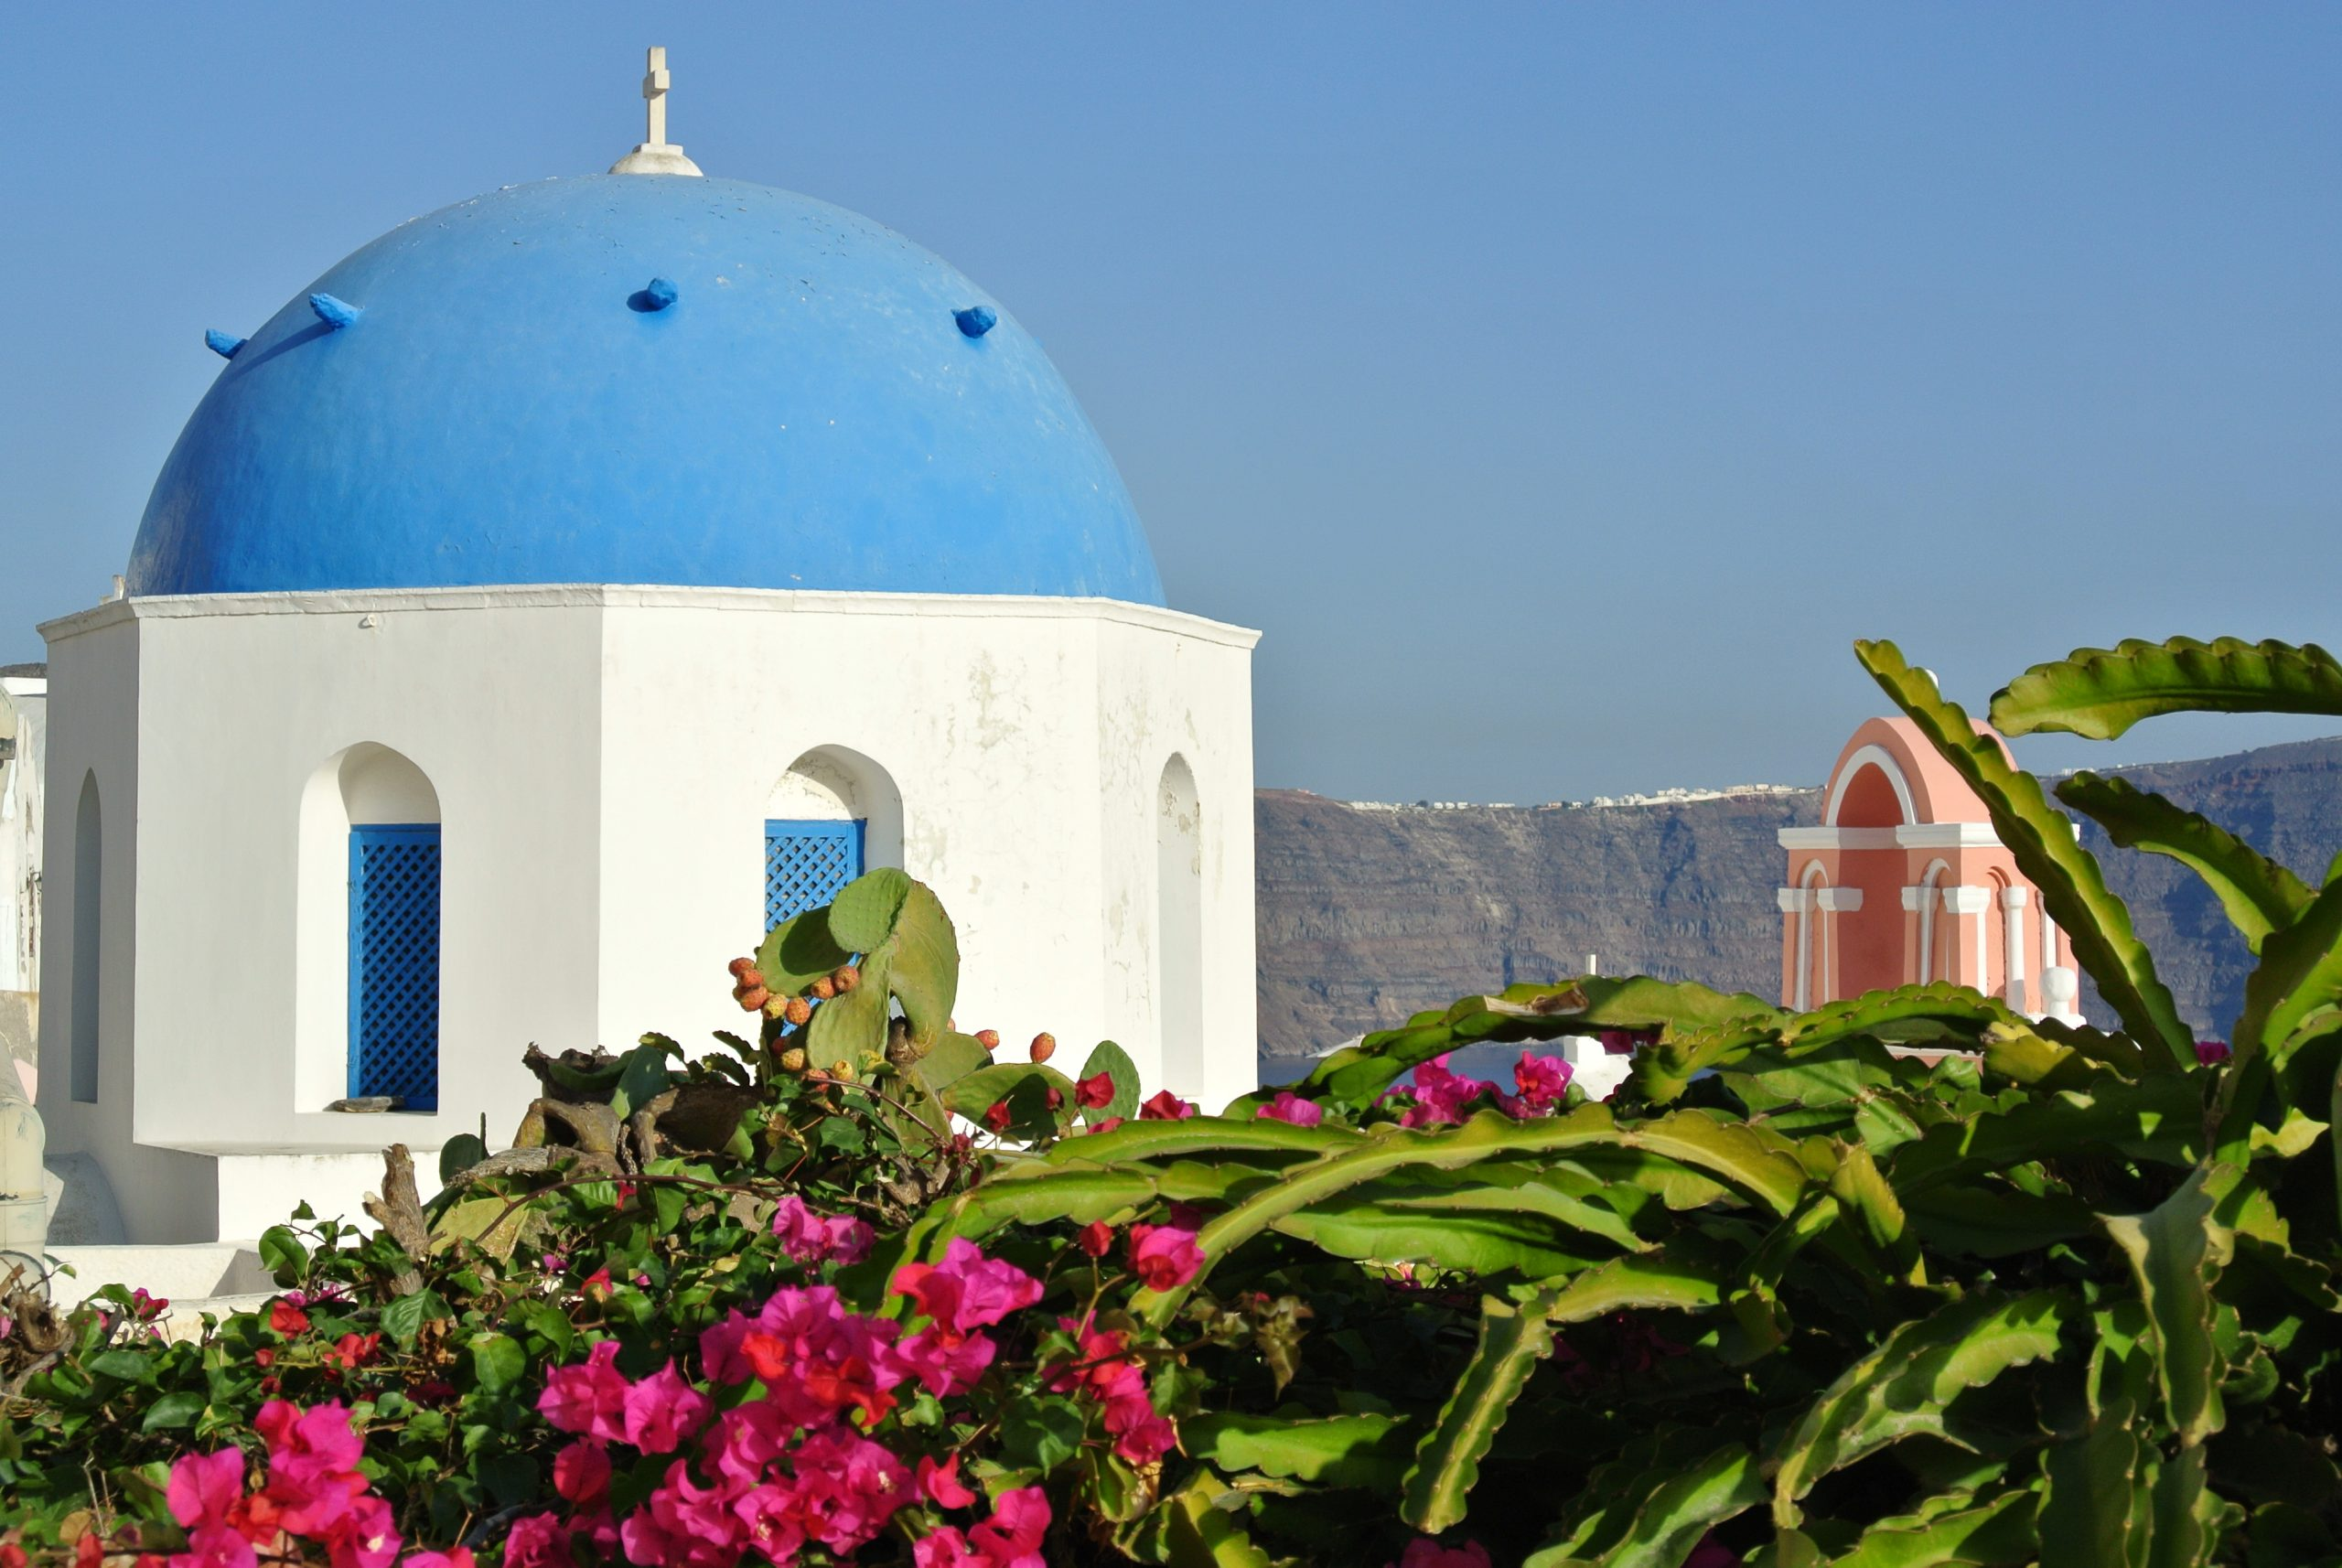 Oia, Santorini in Photographs